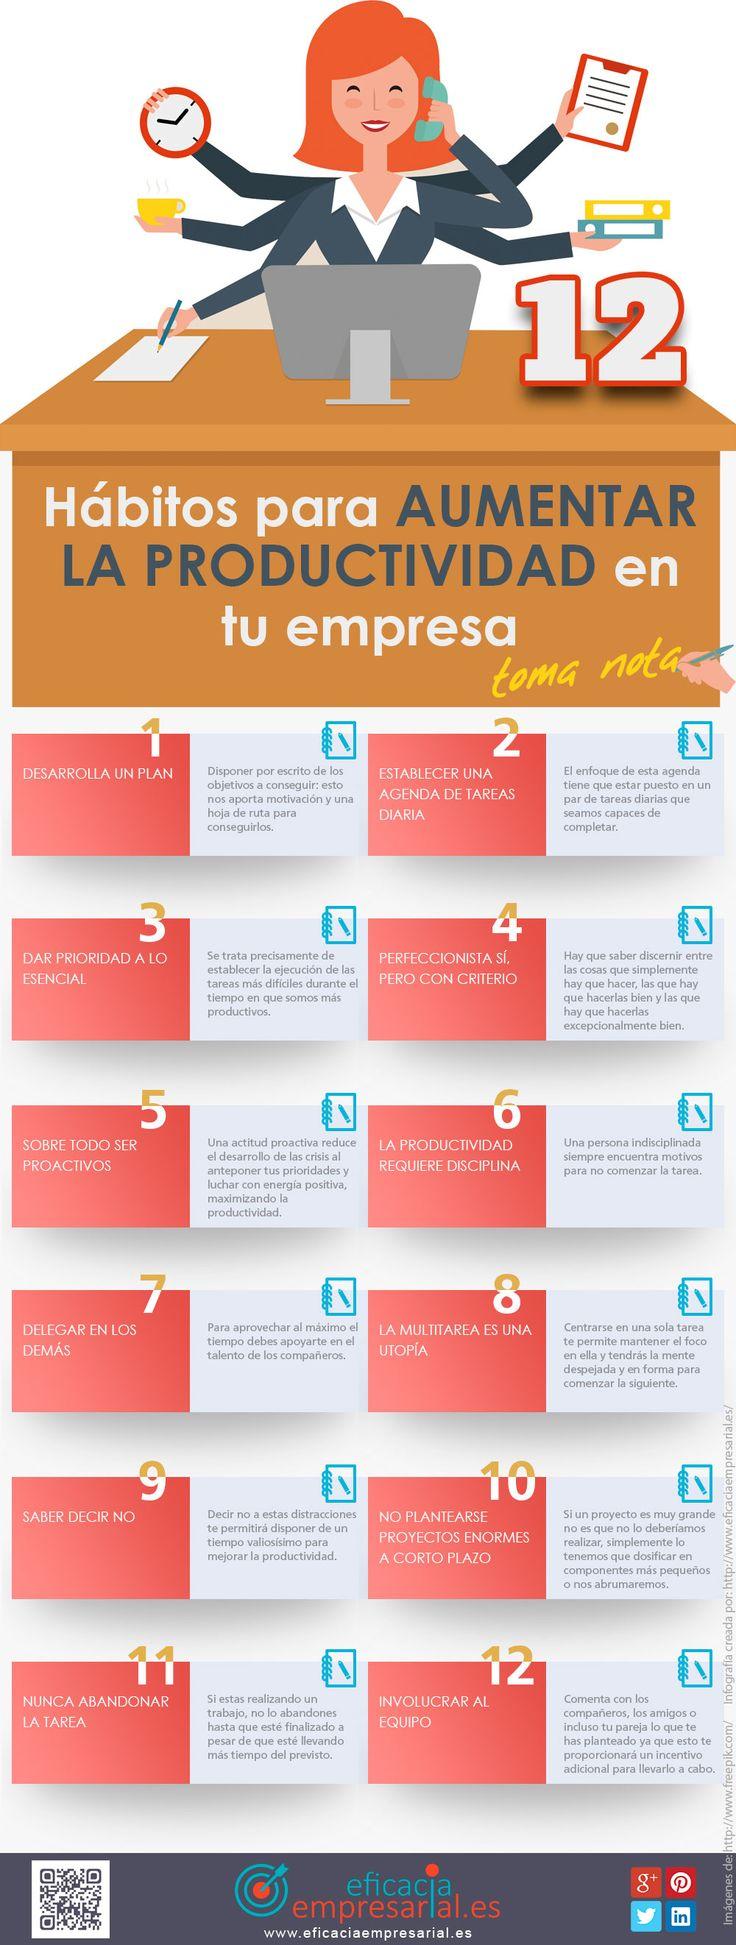 12 hábitos para aumentar la productividad de tu empresa